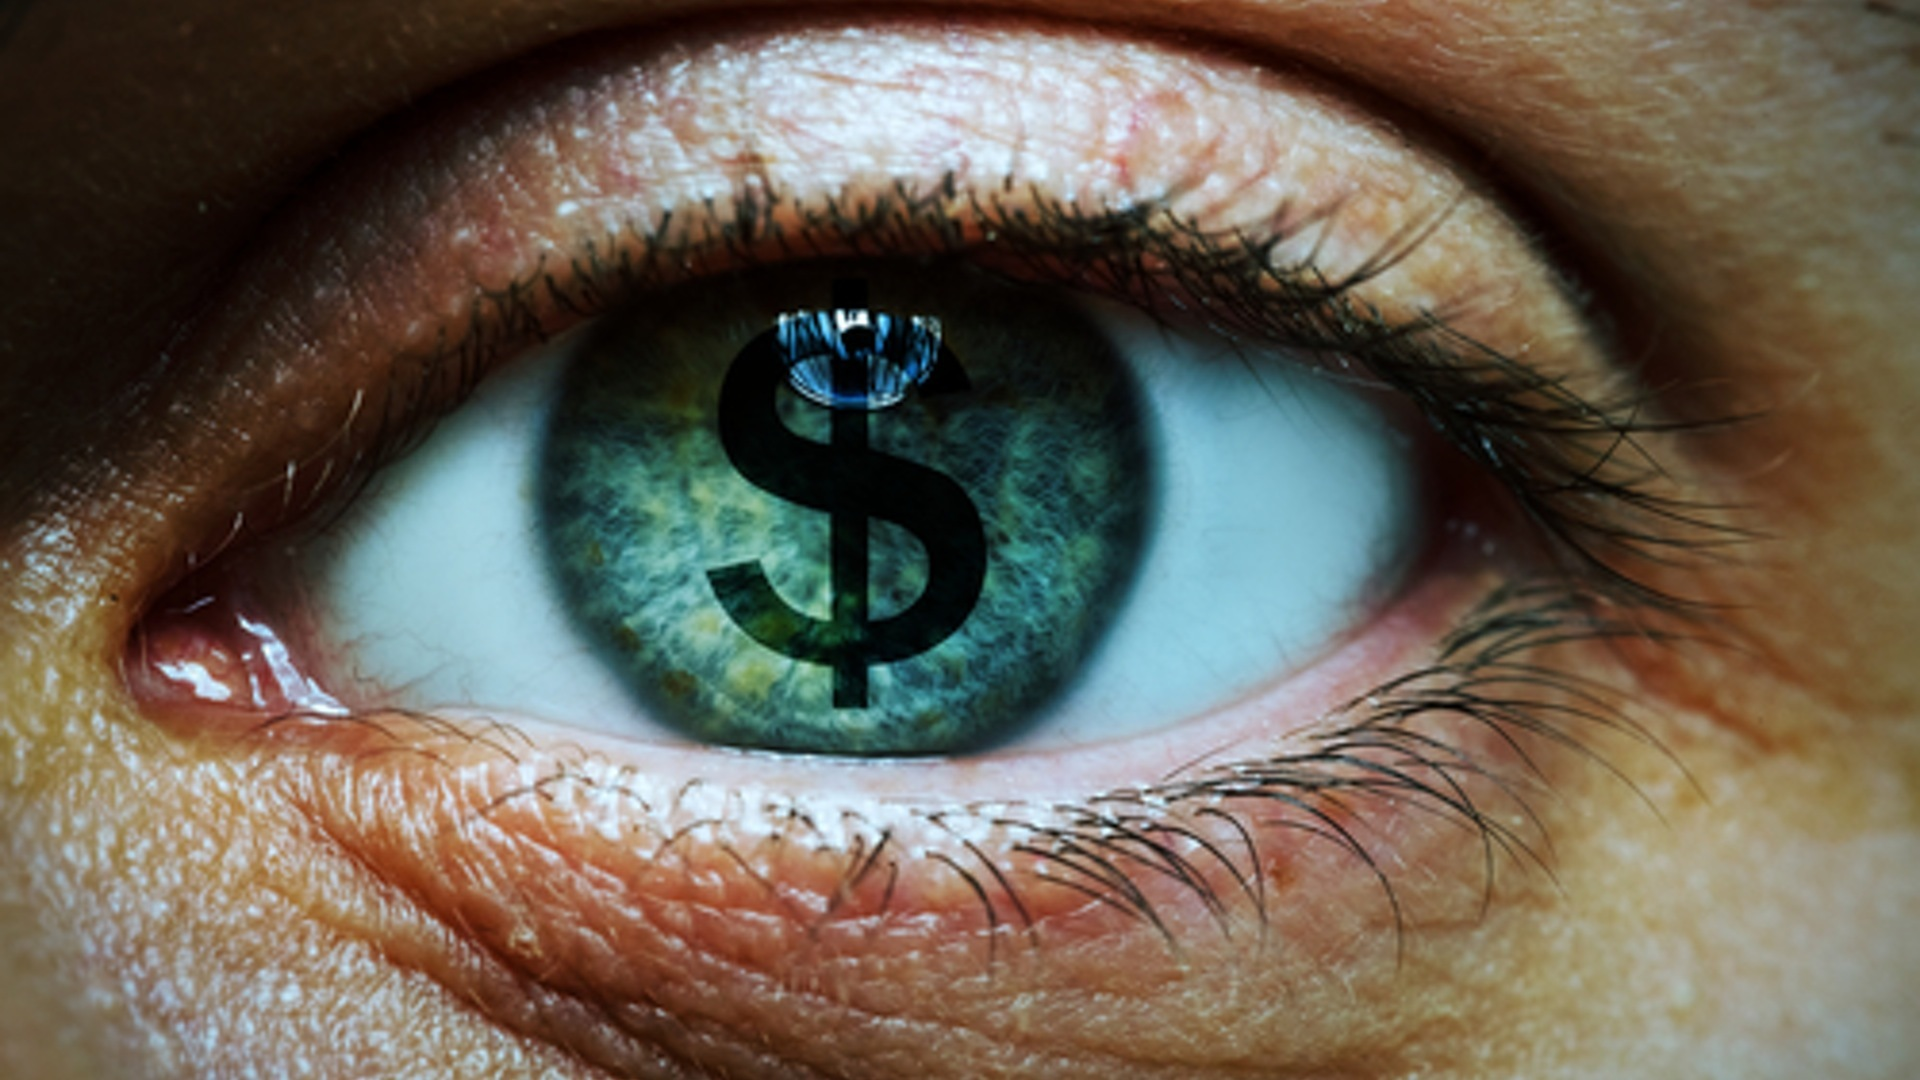 Osobama s plavim očima slijedi UPOZORENJE – Danas Vam mladi Mjesec može donijeti puno novca!